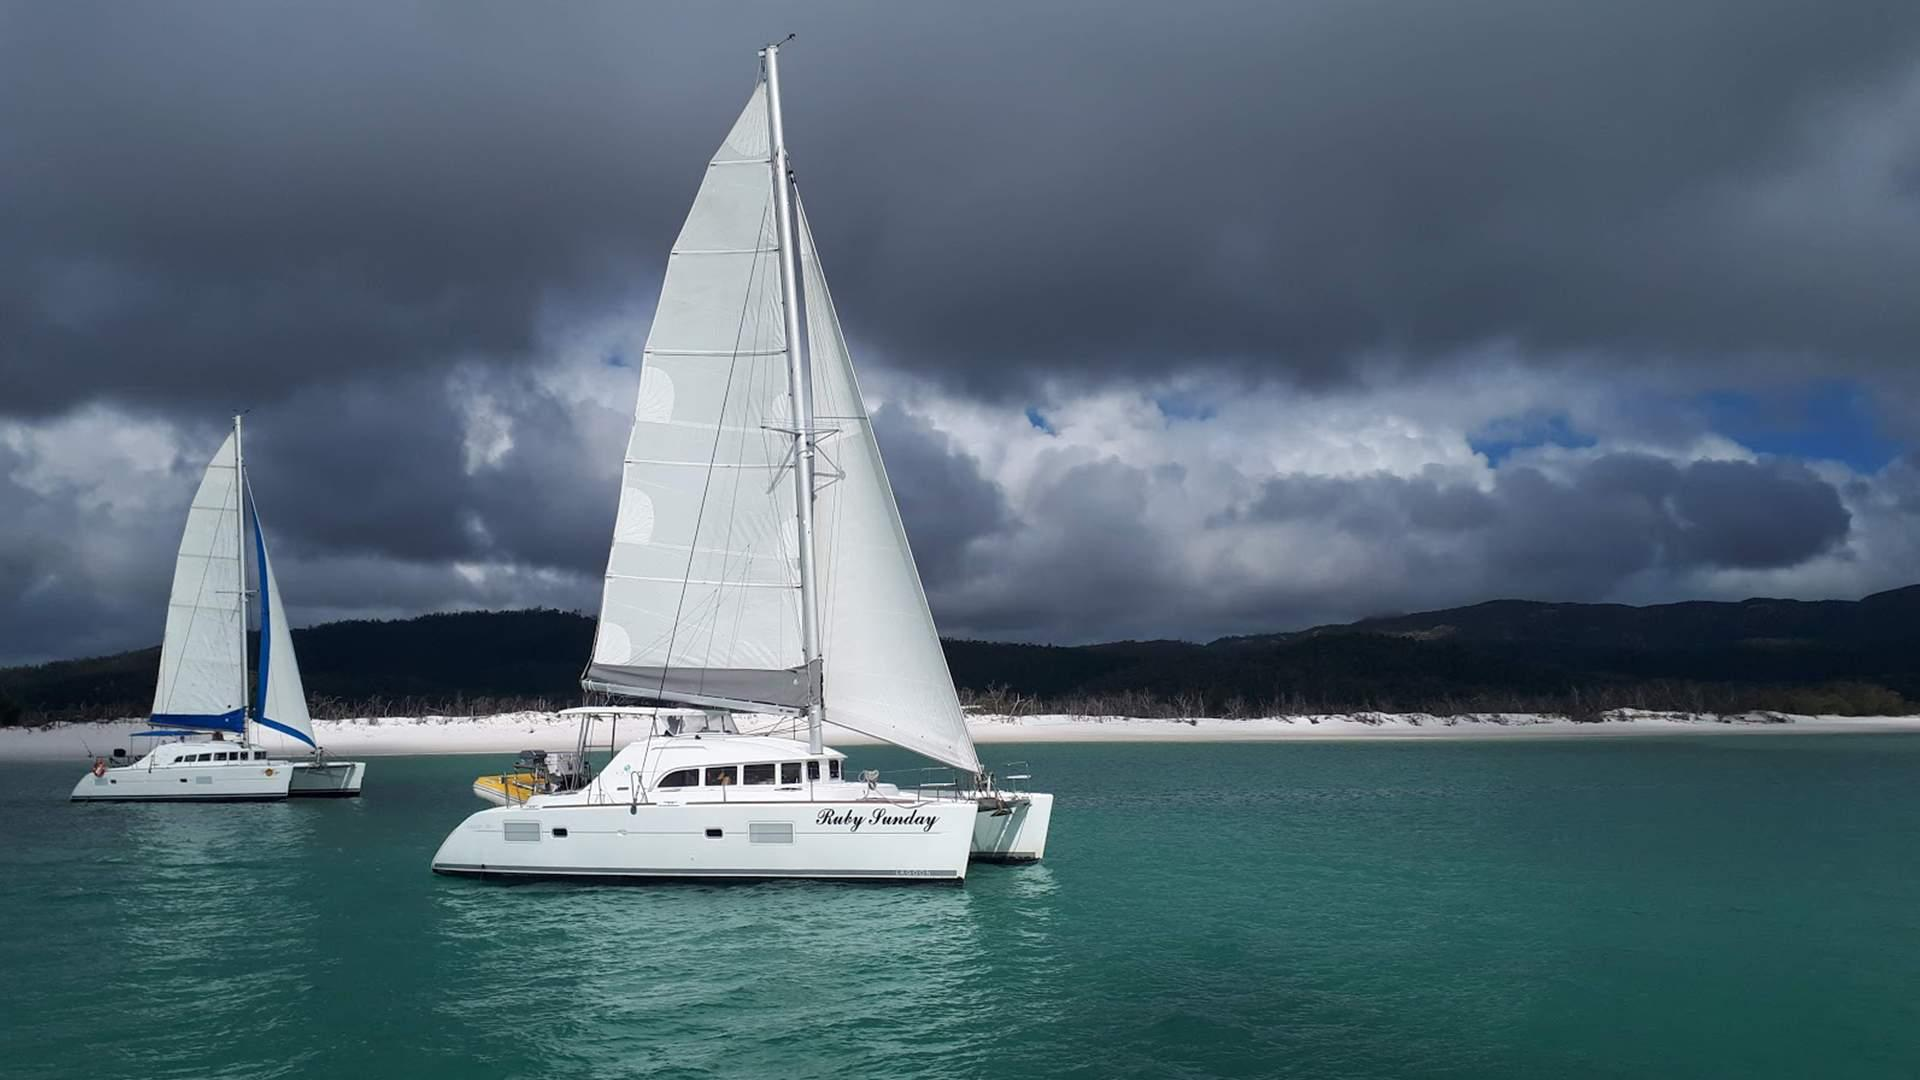 Ruby Sunday image 1 at Portland Roads – Sailing the Whitsundays by Whitsunday Regional, Queensland, Australia